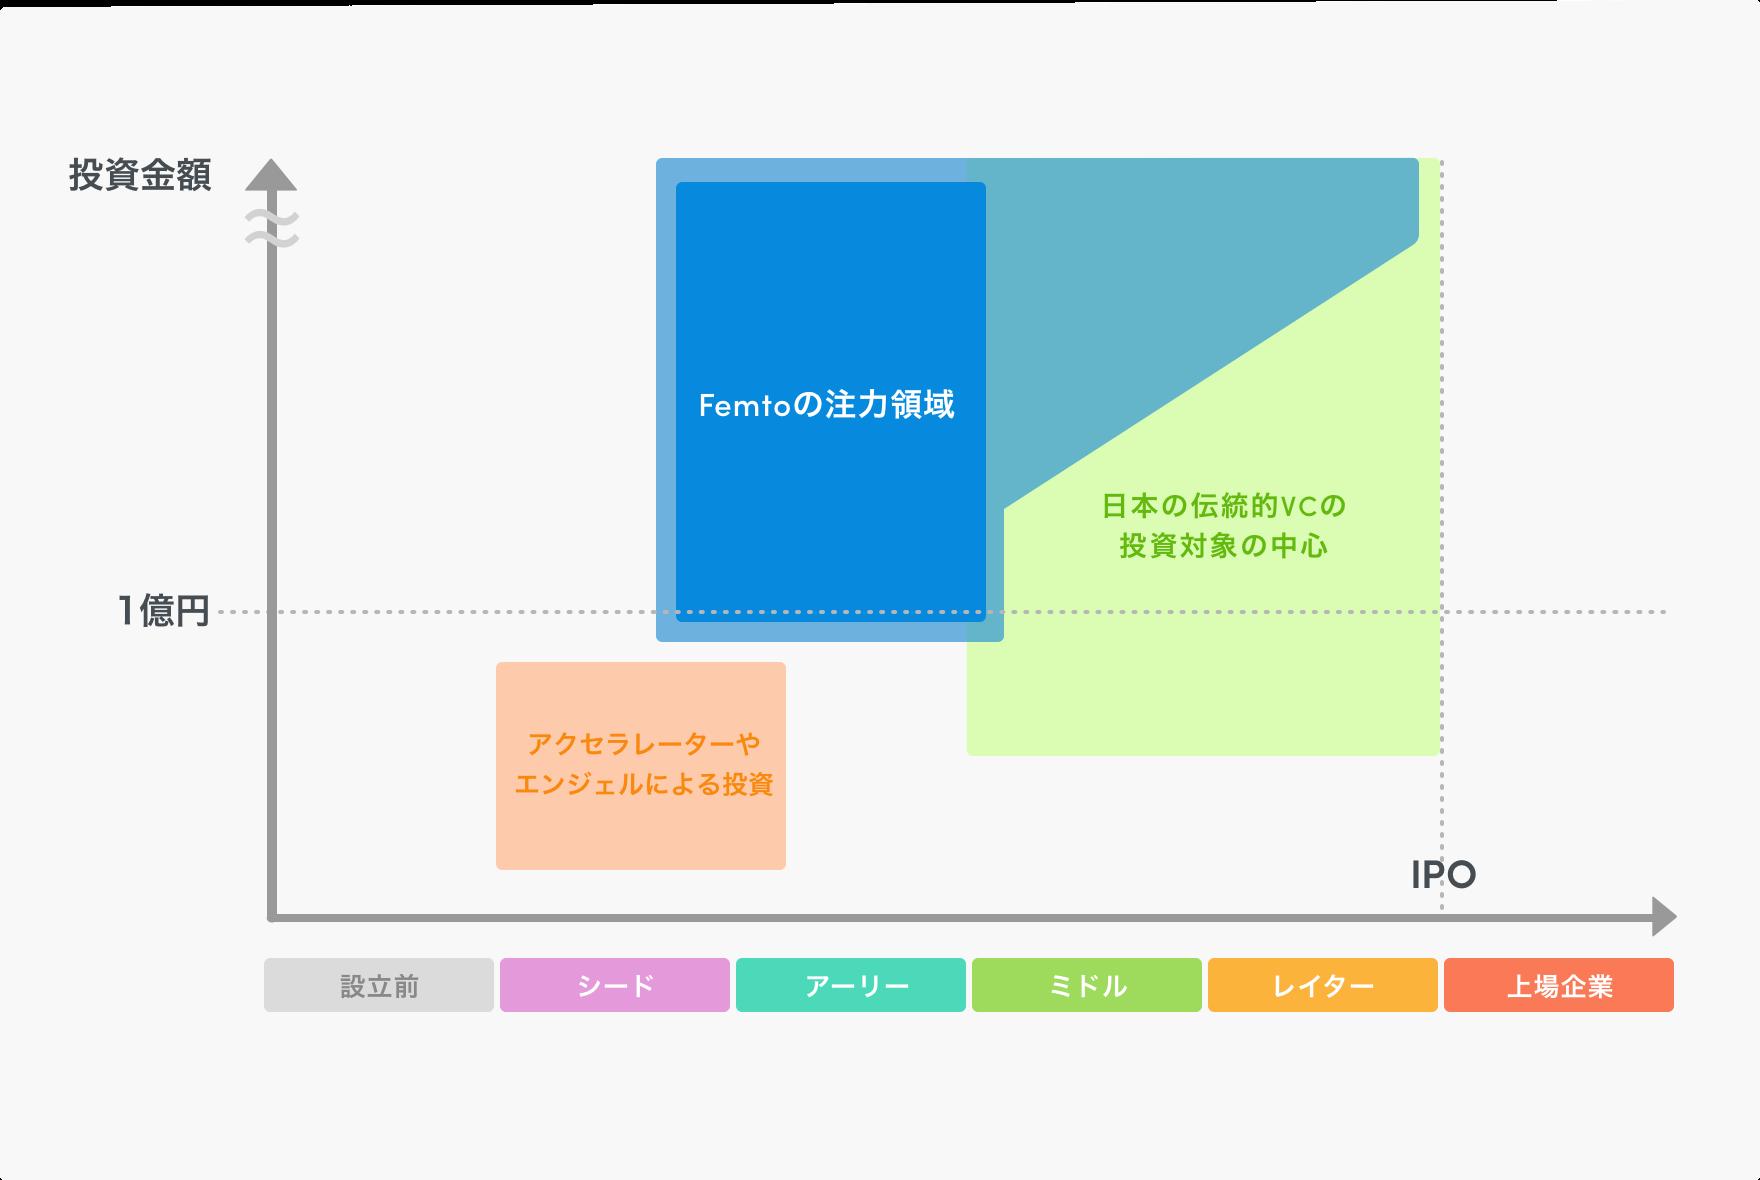 ビジネスモデル図